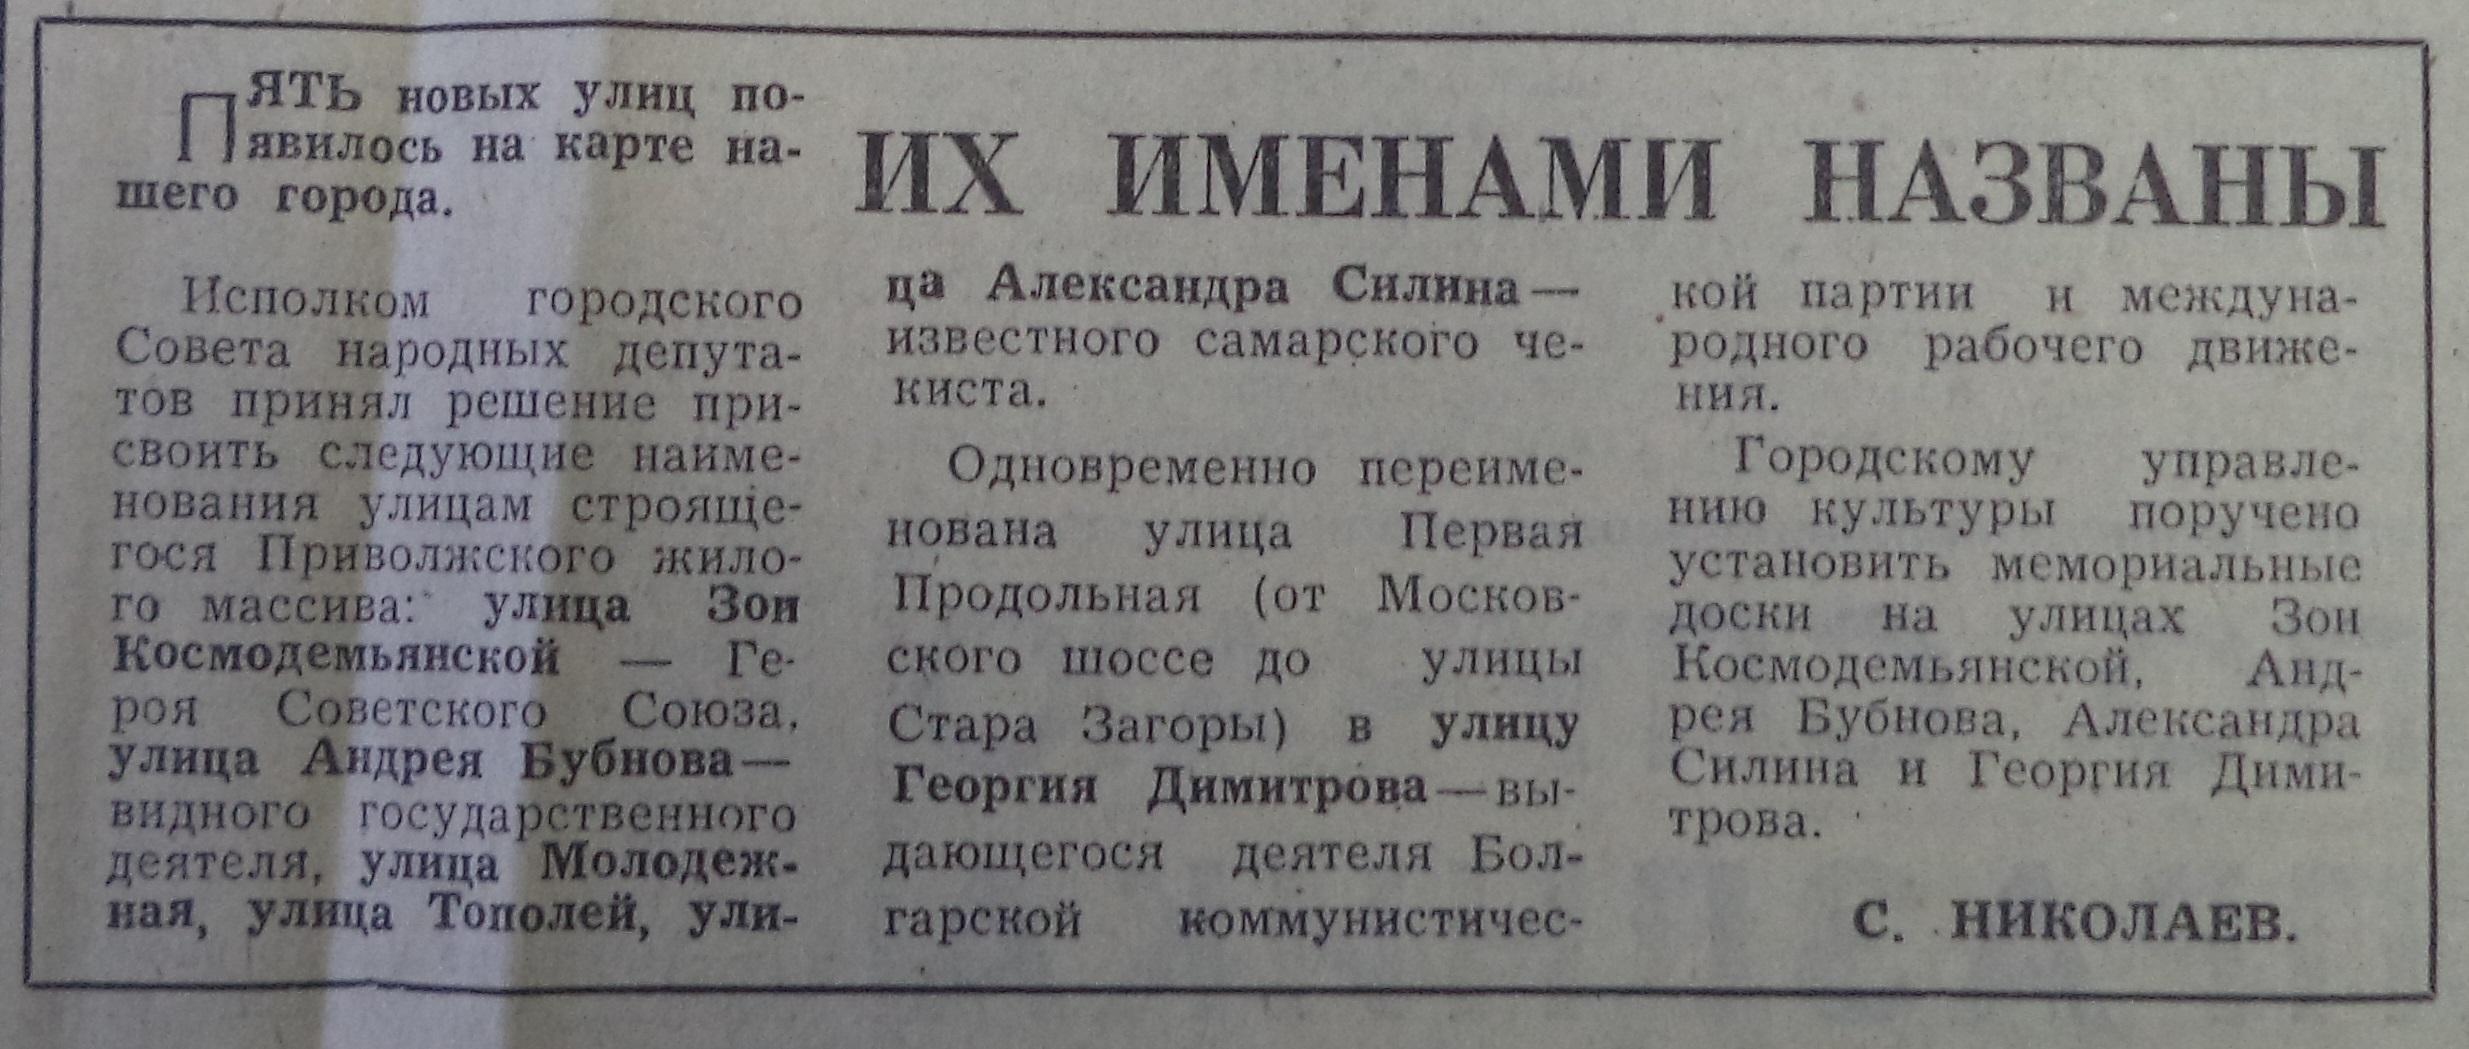 Силина-ФОТО-02-ВЗя-1980-01-01-новые улицы Приволж. мкр